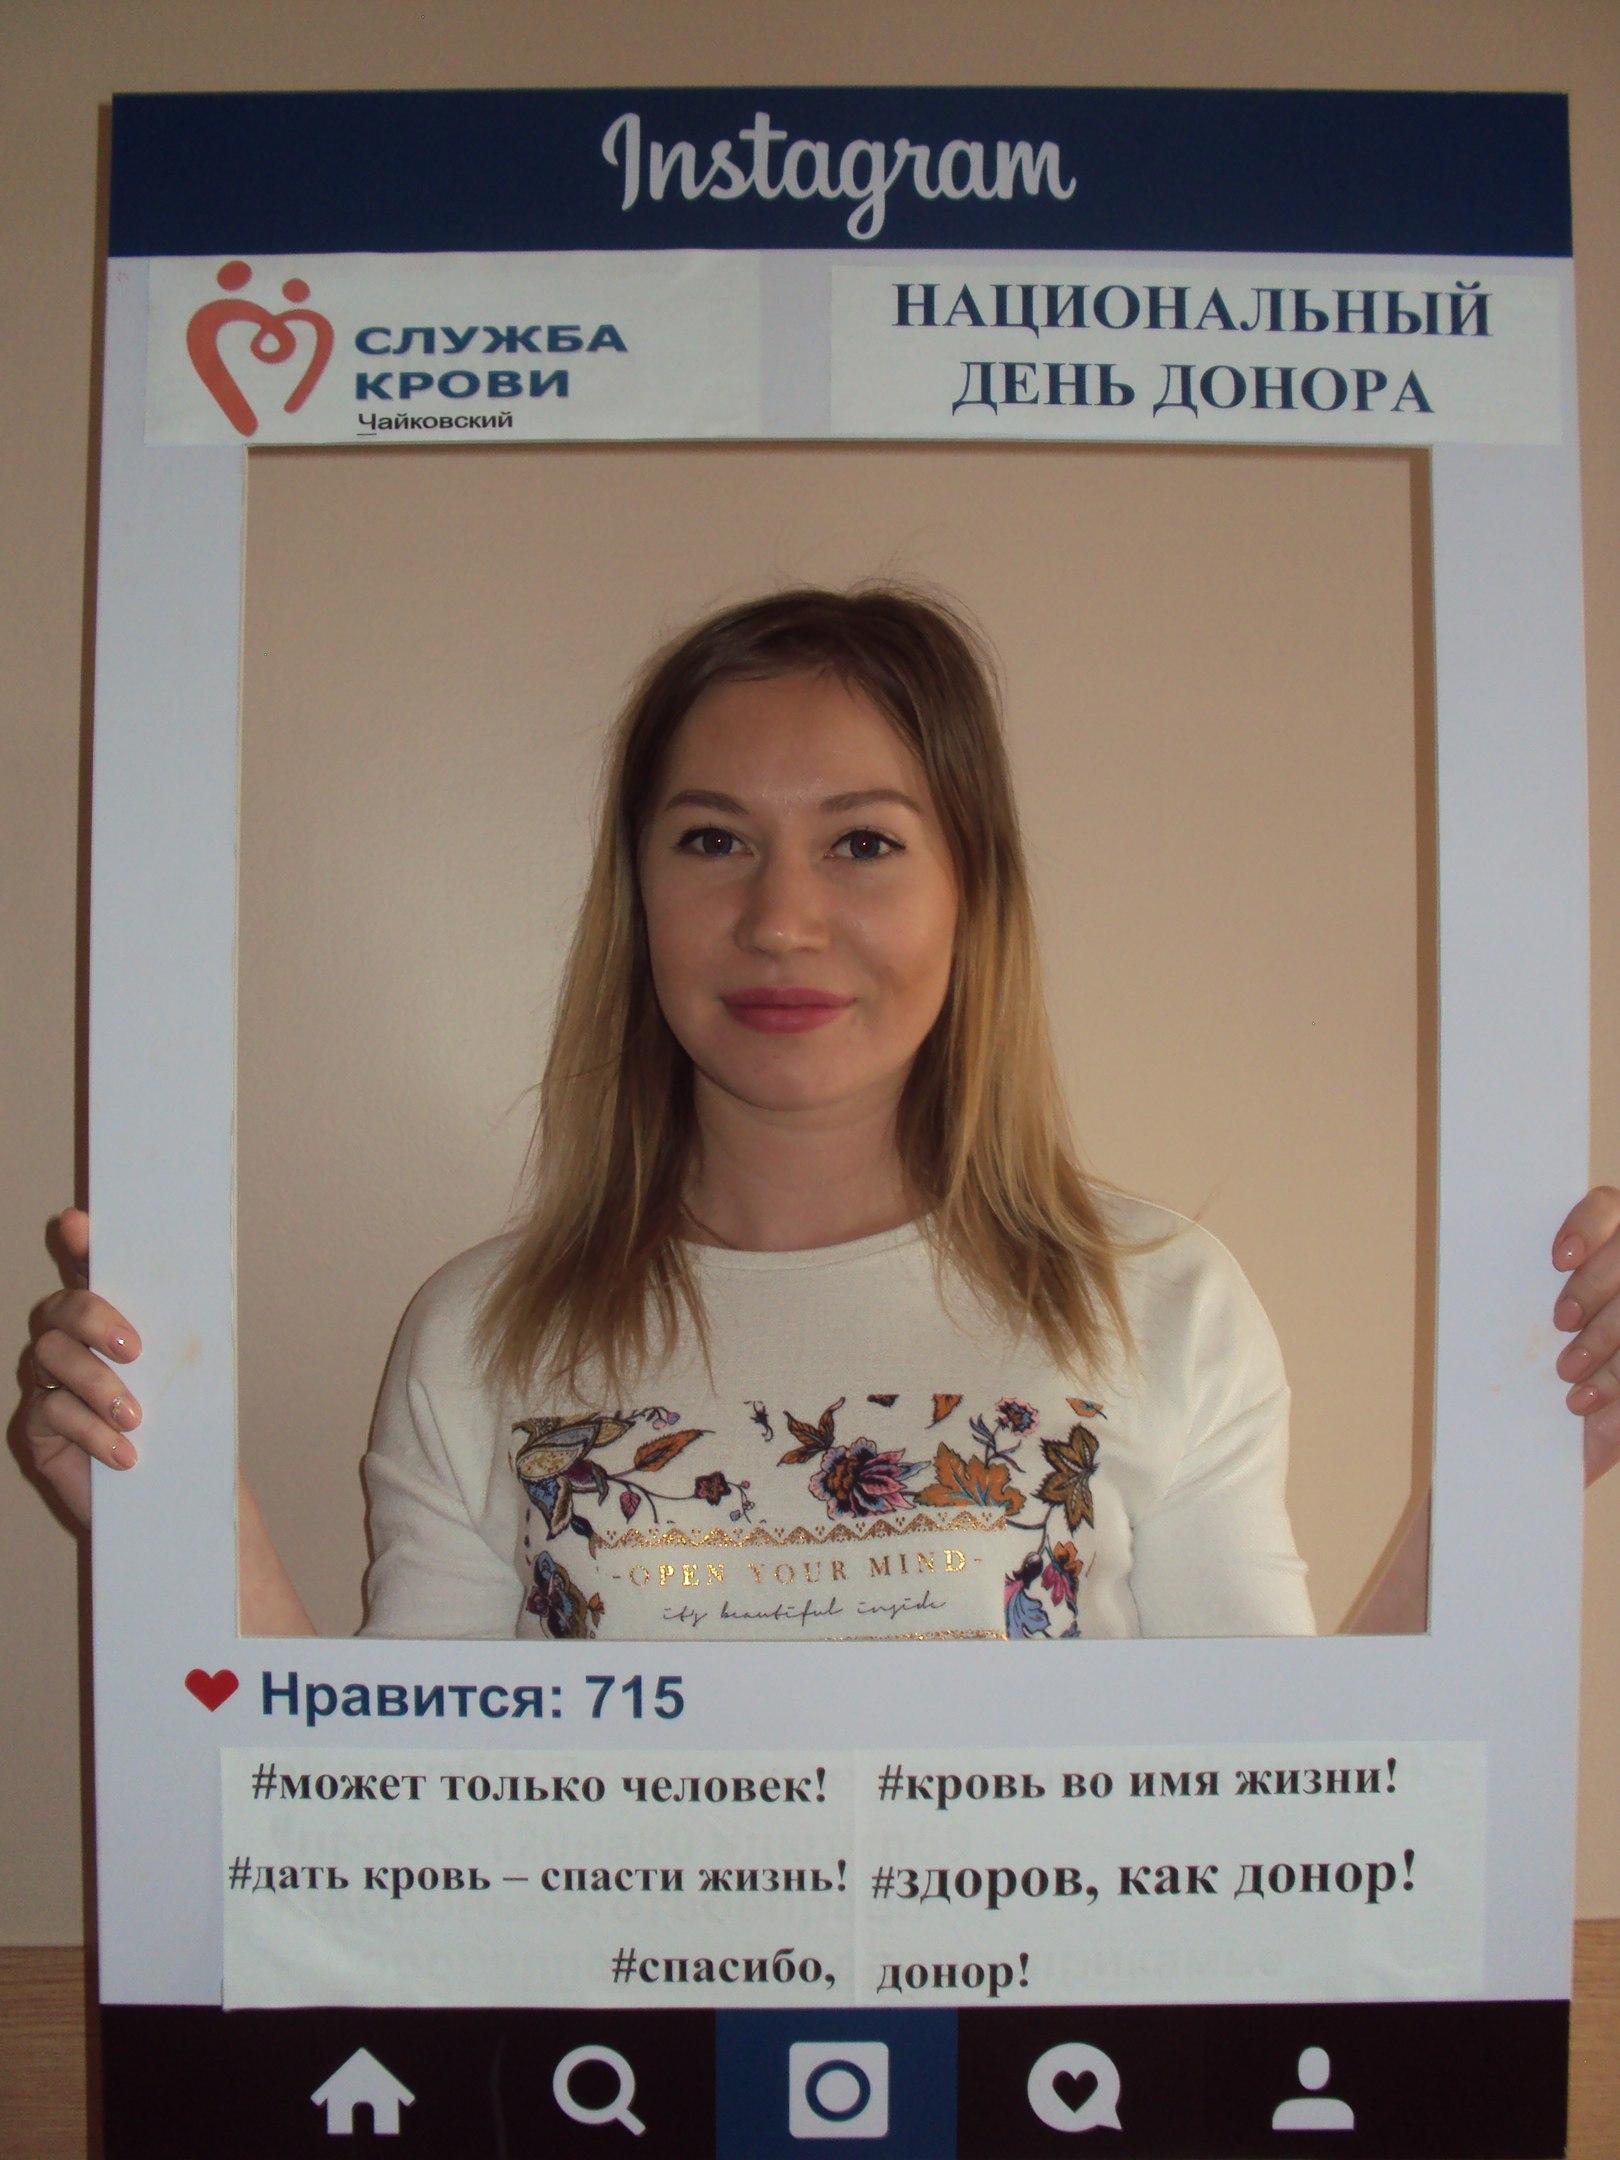 доноры, Чайковский, 2018 год